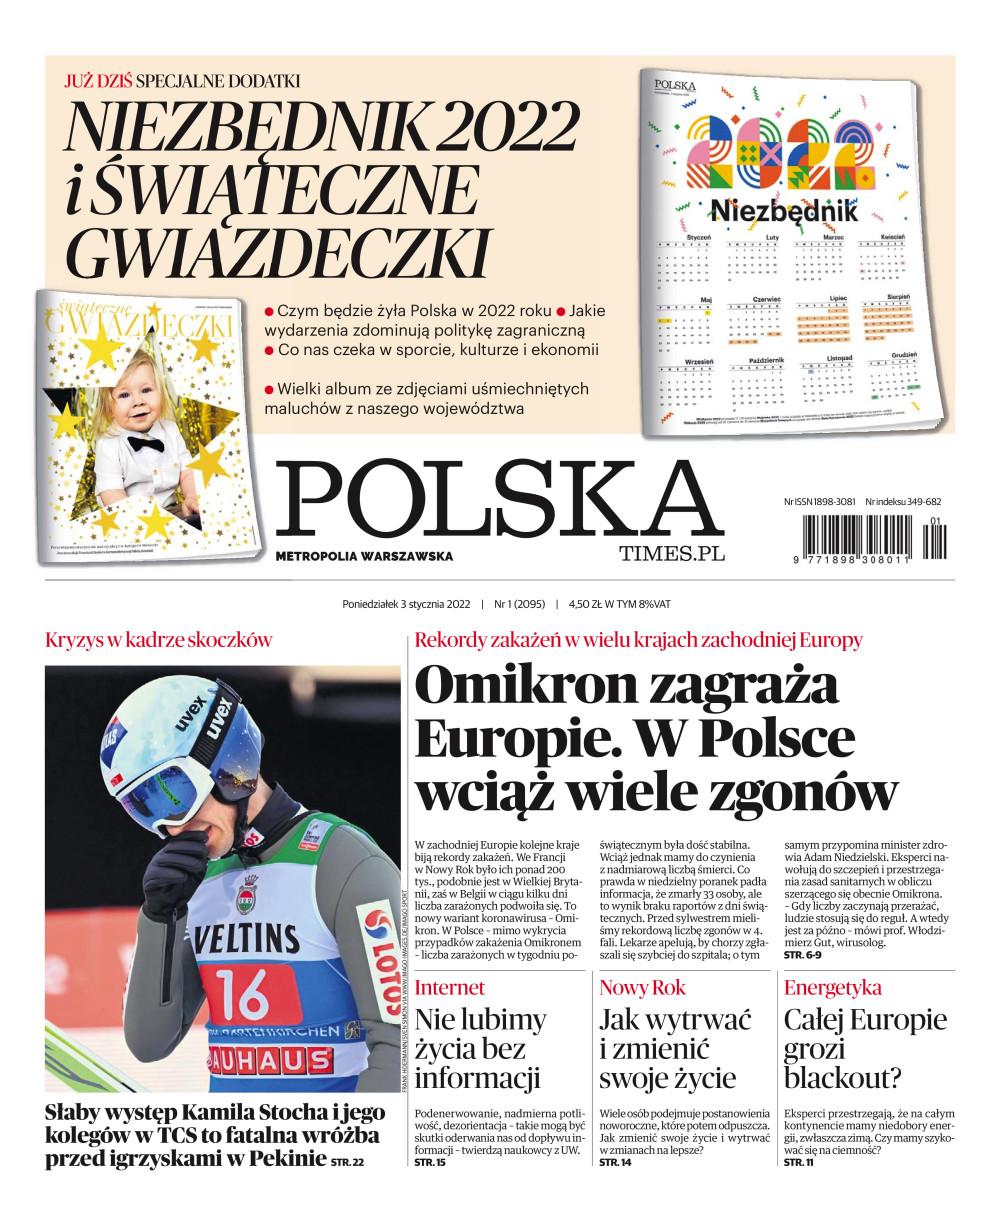 Polska - Metropolia Warszawska  - ePrasa, dziennik, czasopismo społeczno-informacyjne, polityka, gospodarka, biznes